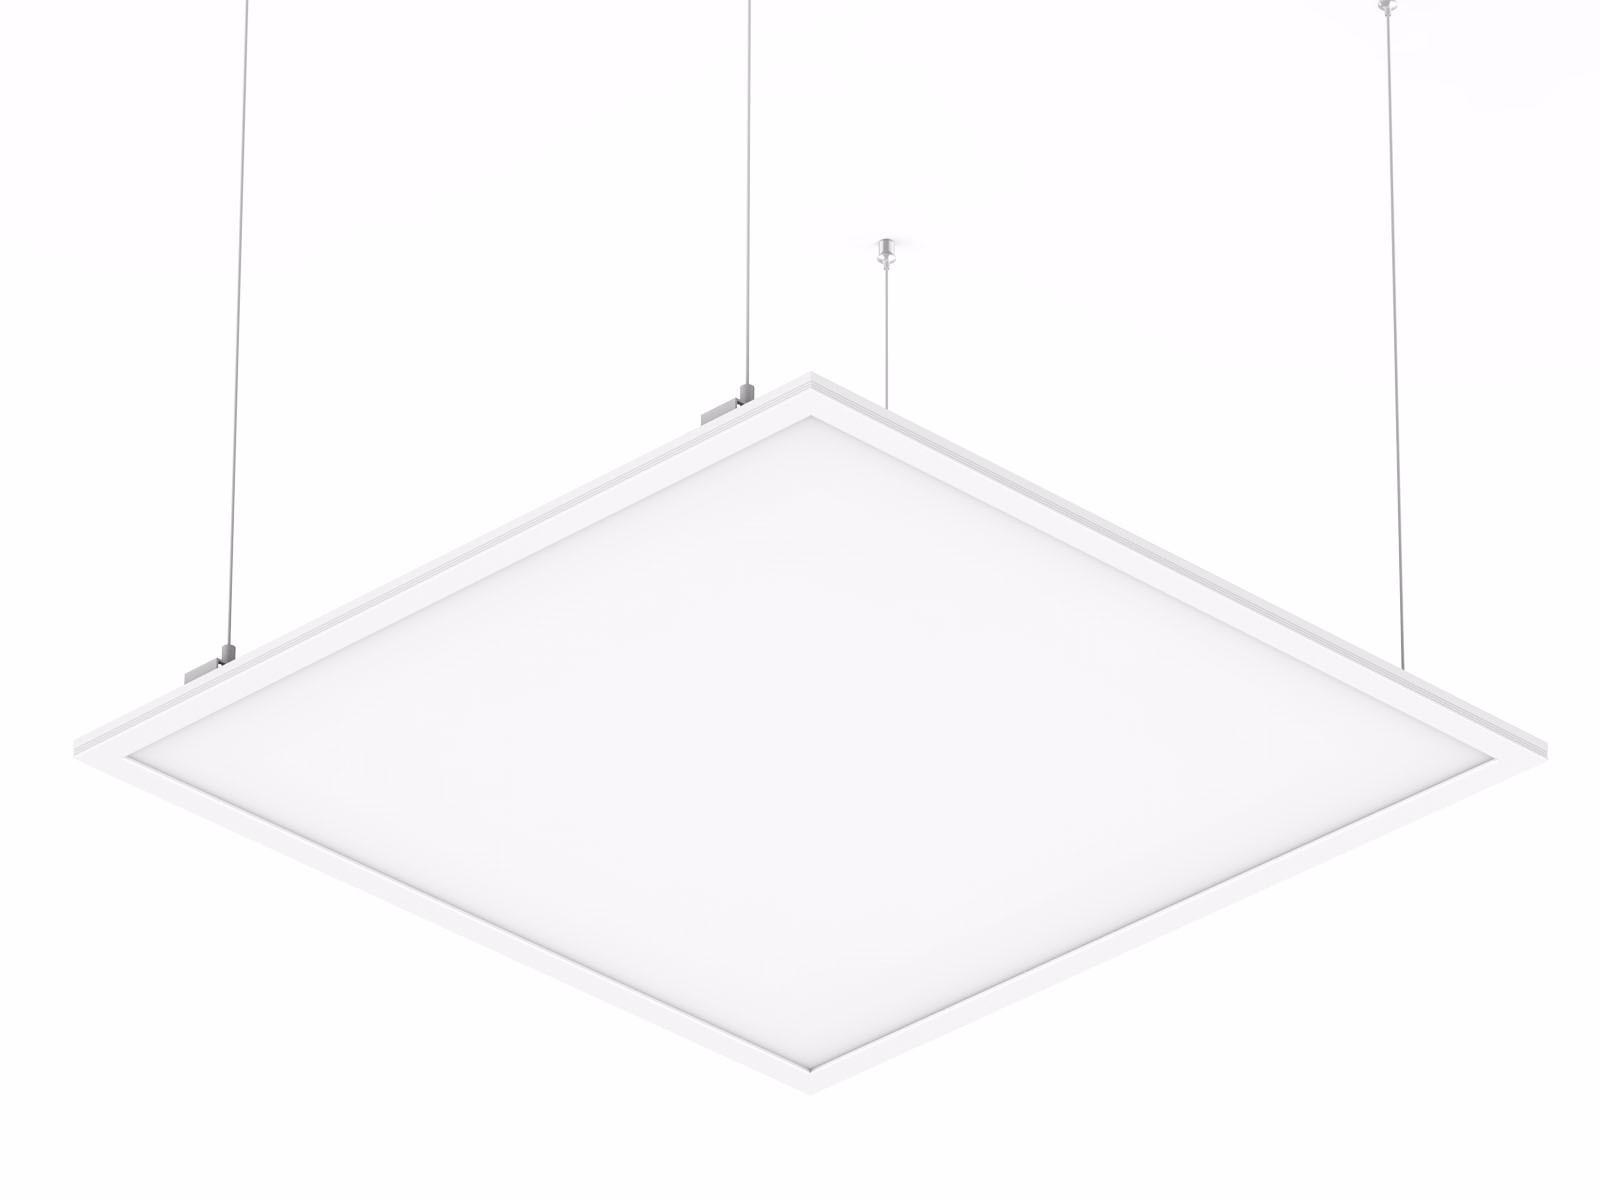 led panel lights upshine lighting. Black Bedroom Furniture Sets. Home Design Ideas